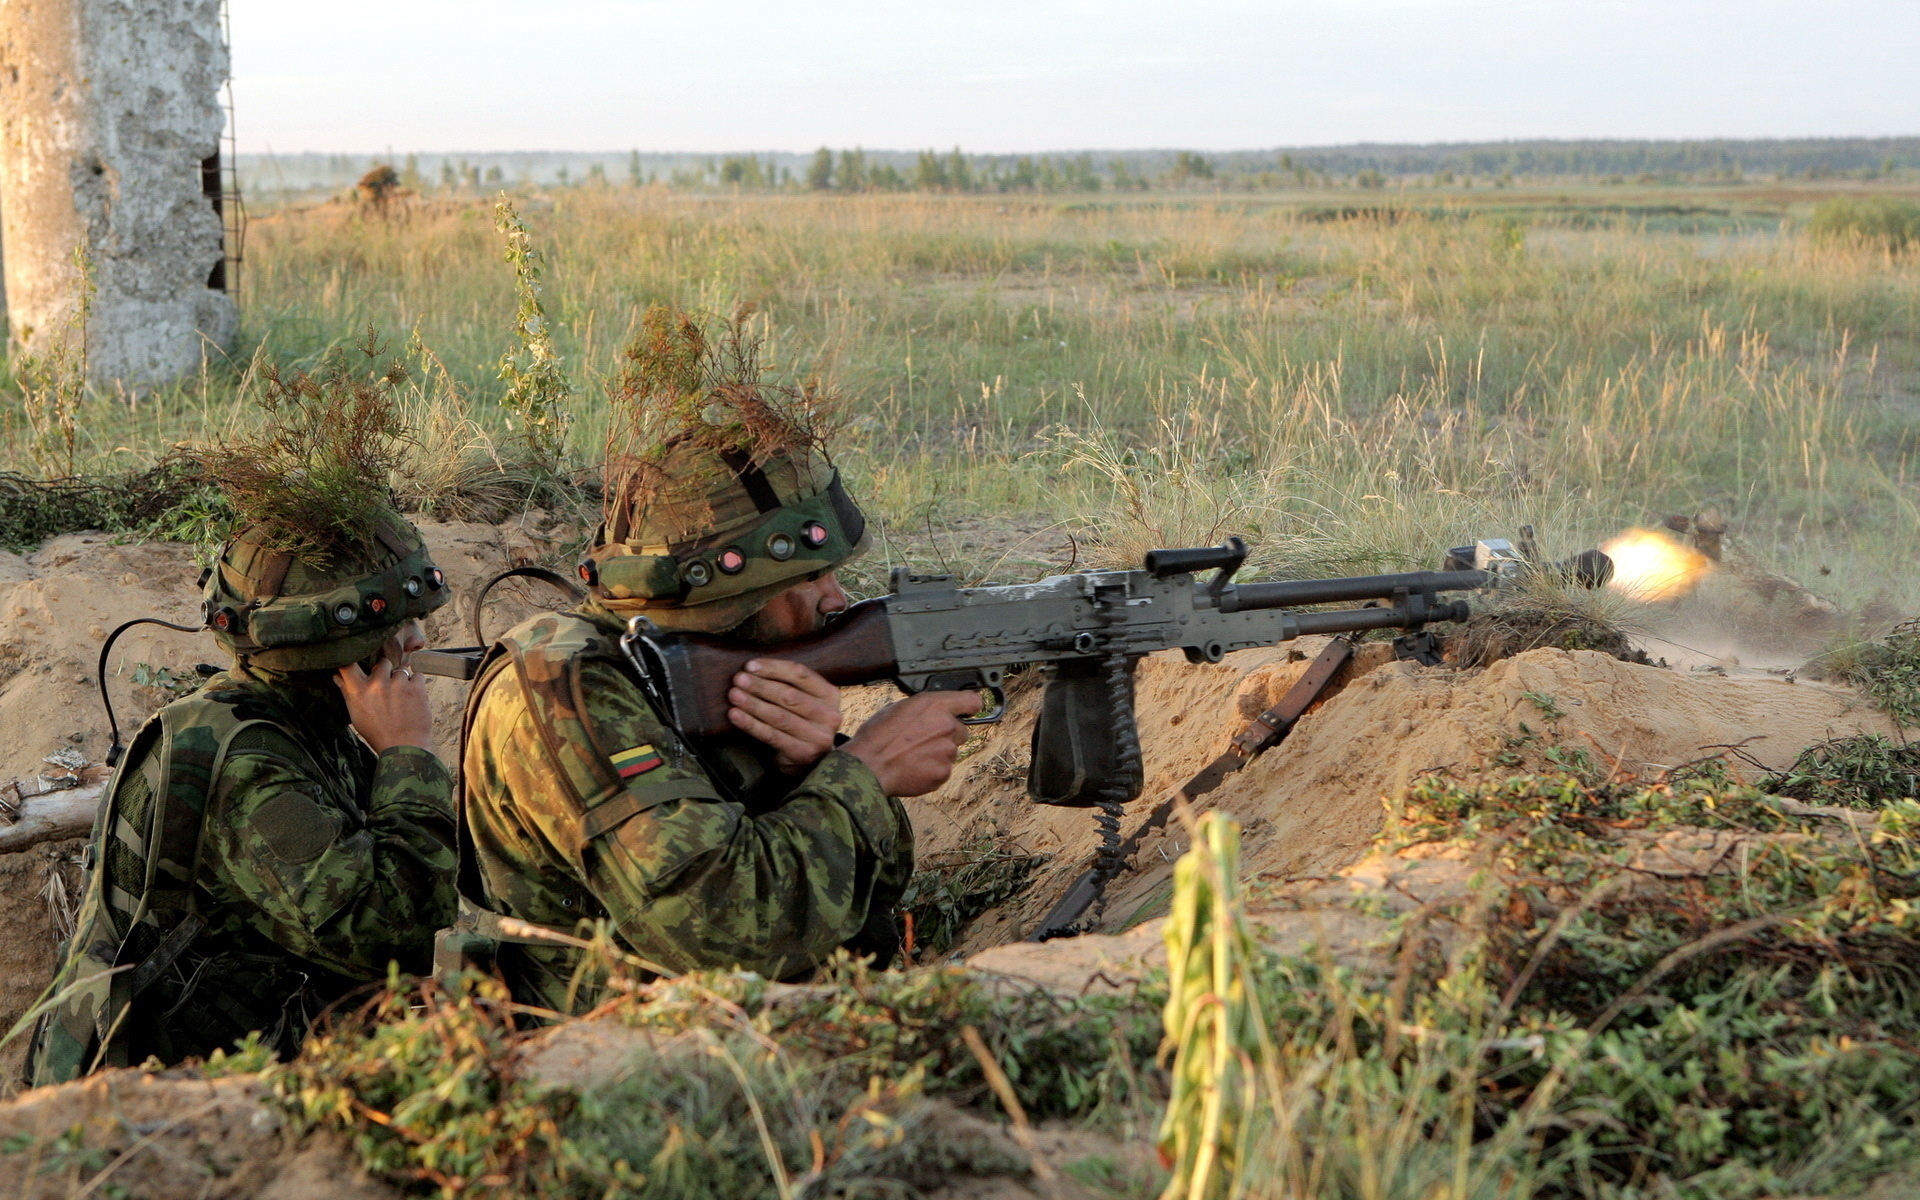 окопа, солдаты, обмундирование